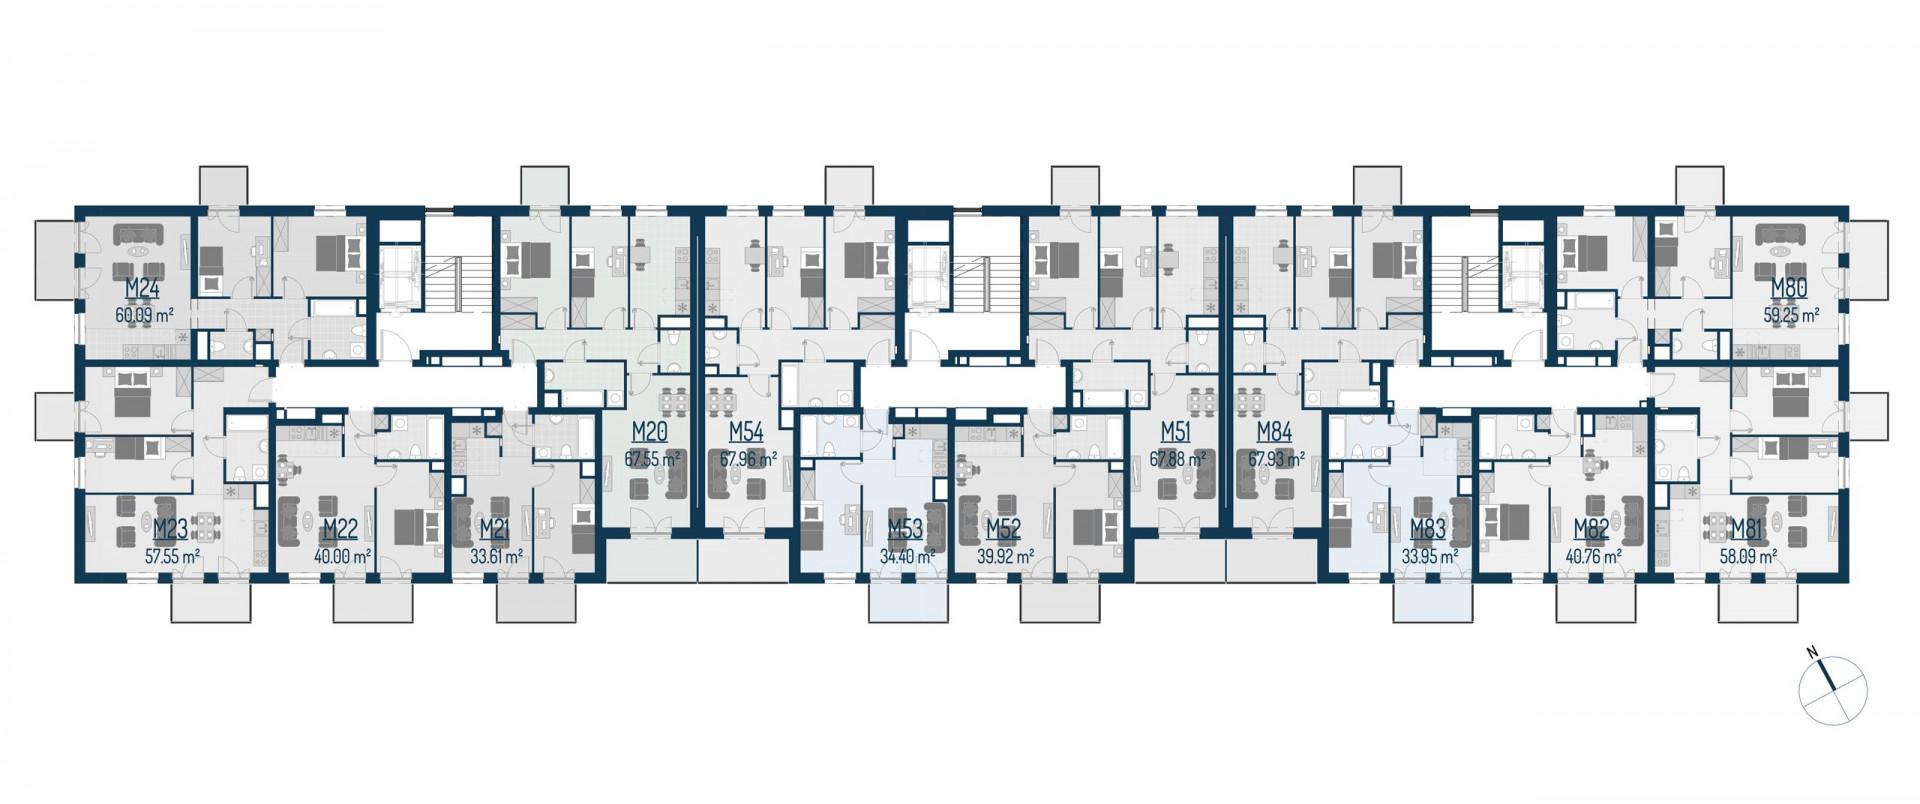 Zdrowe Stylove / budynek 1 / mieszkanie nr M54 rzut 2